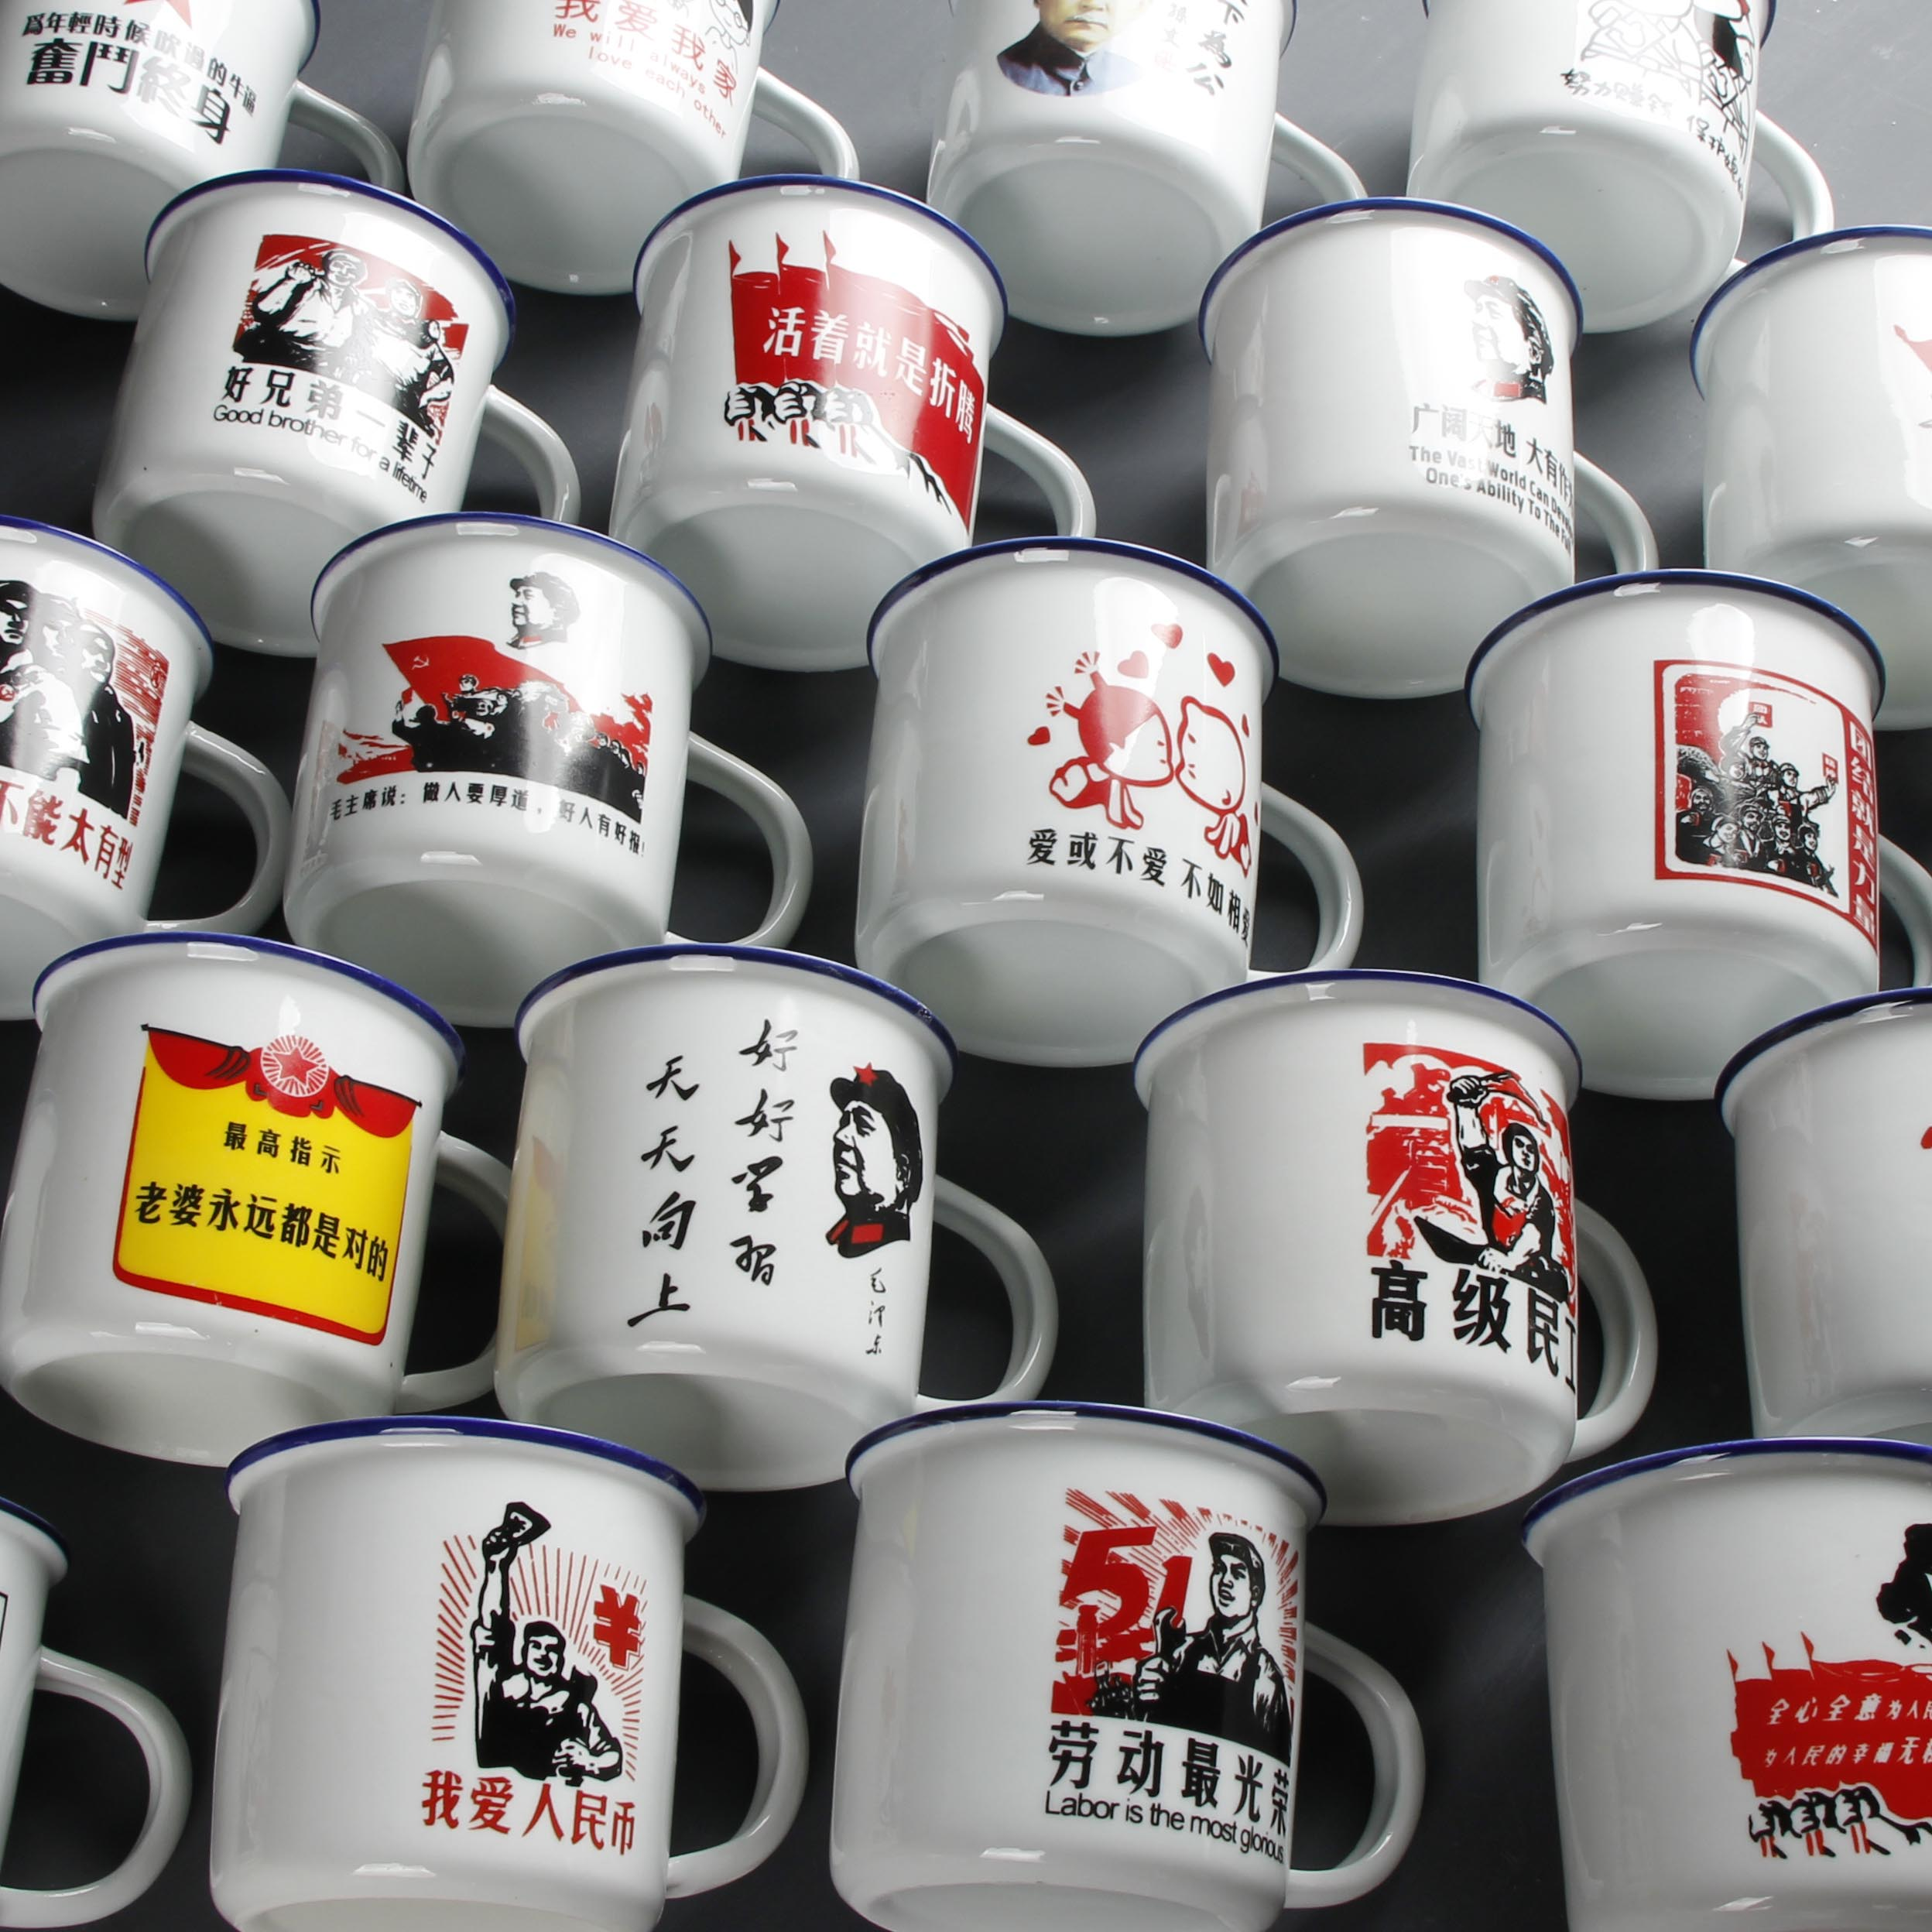 陶瓷马克杯带盖复古水杯创意茶缸怀旧经典仿搪瓷杯办公室家用茶杯